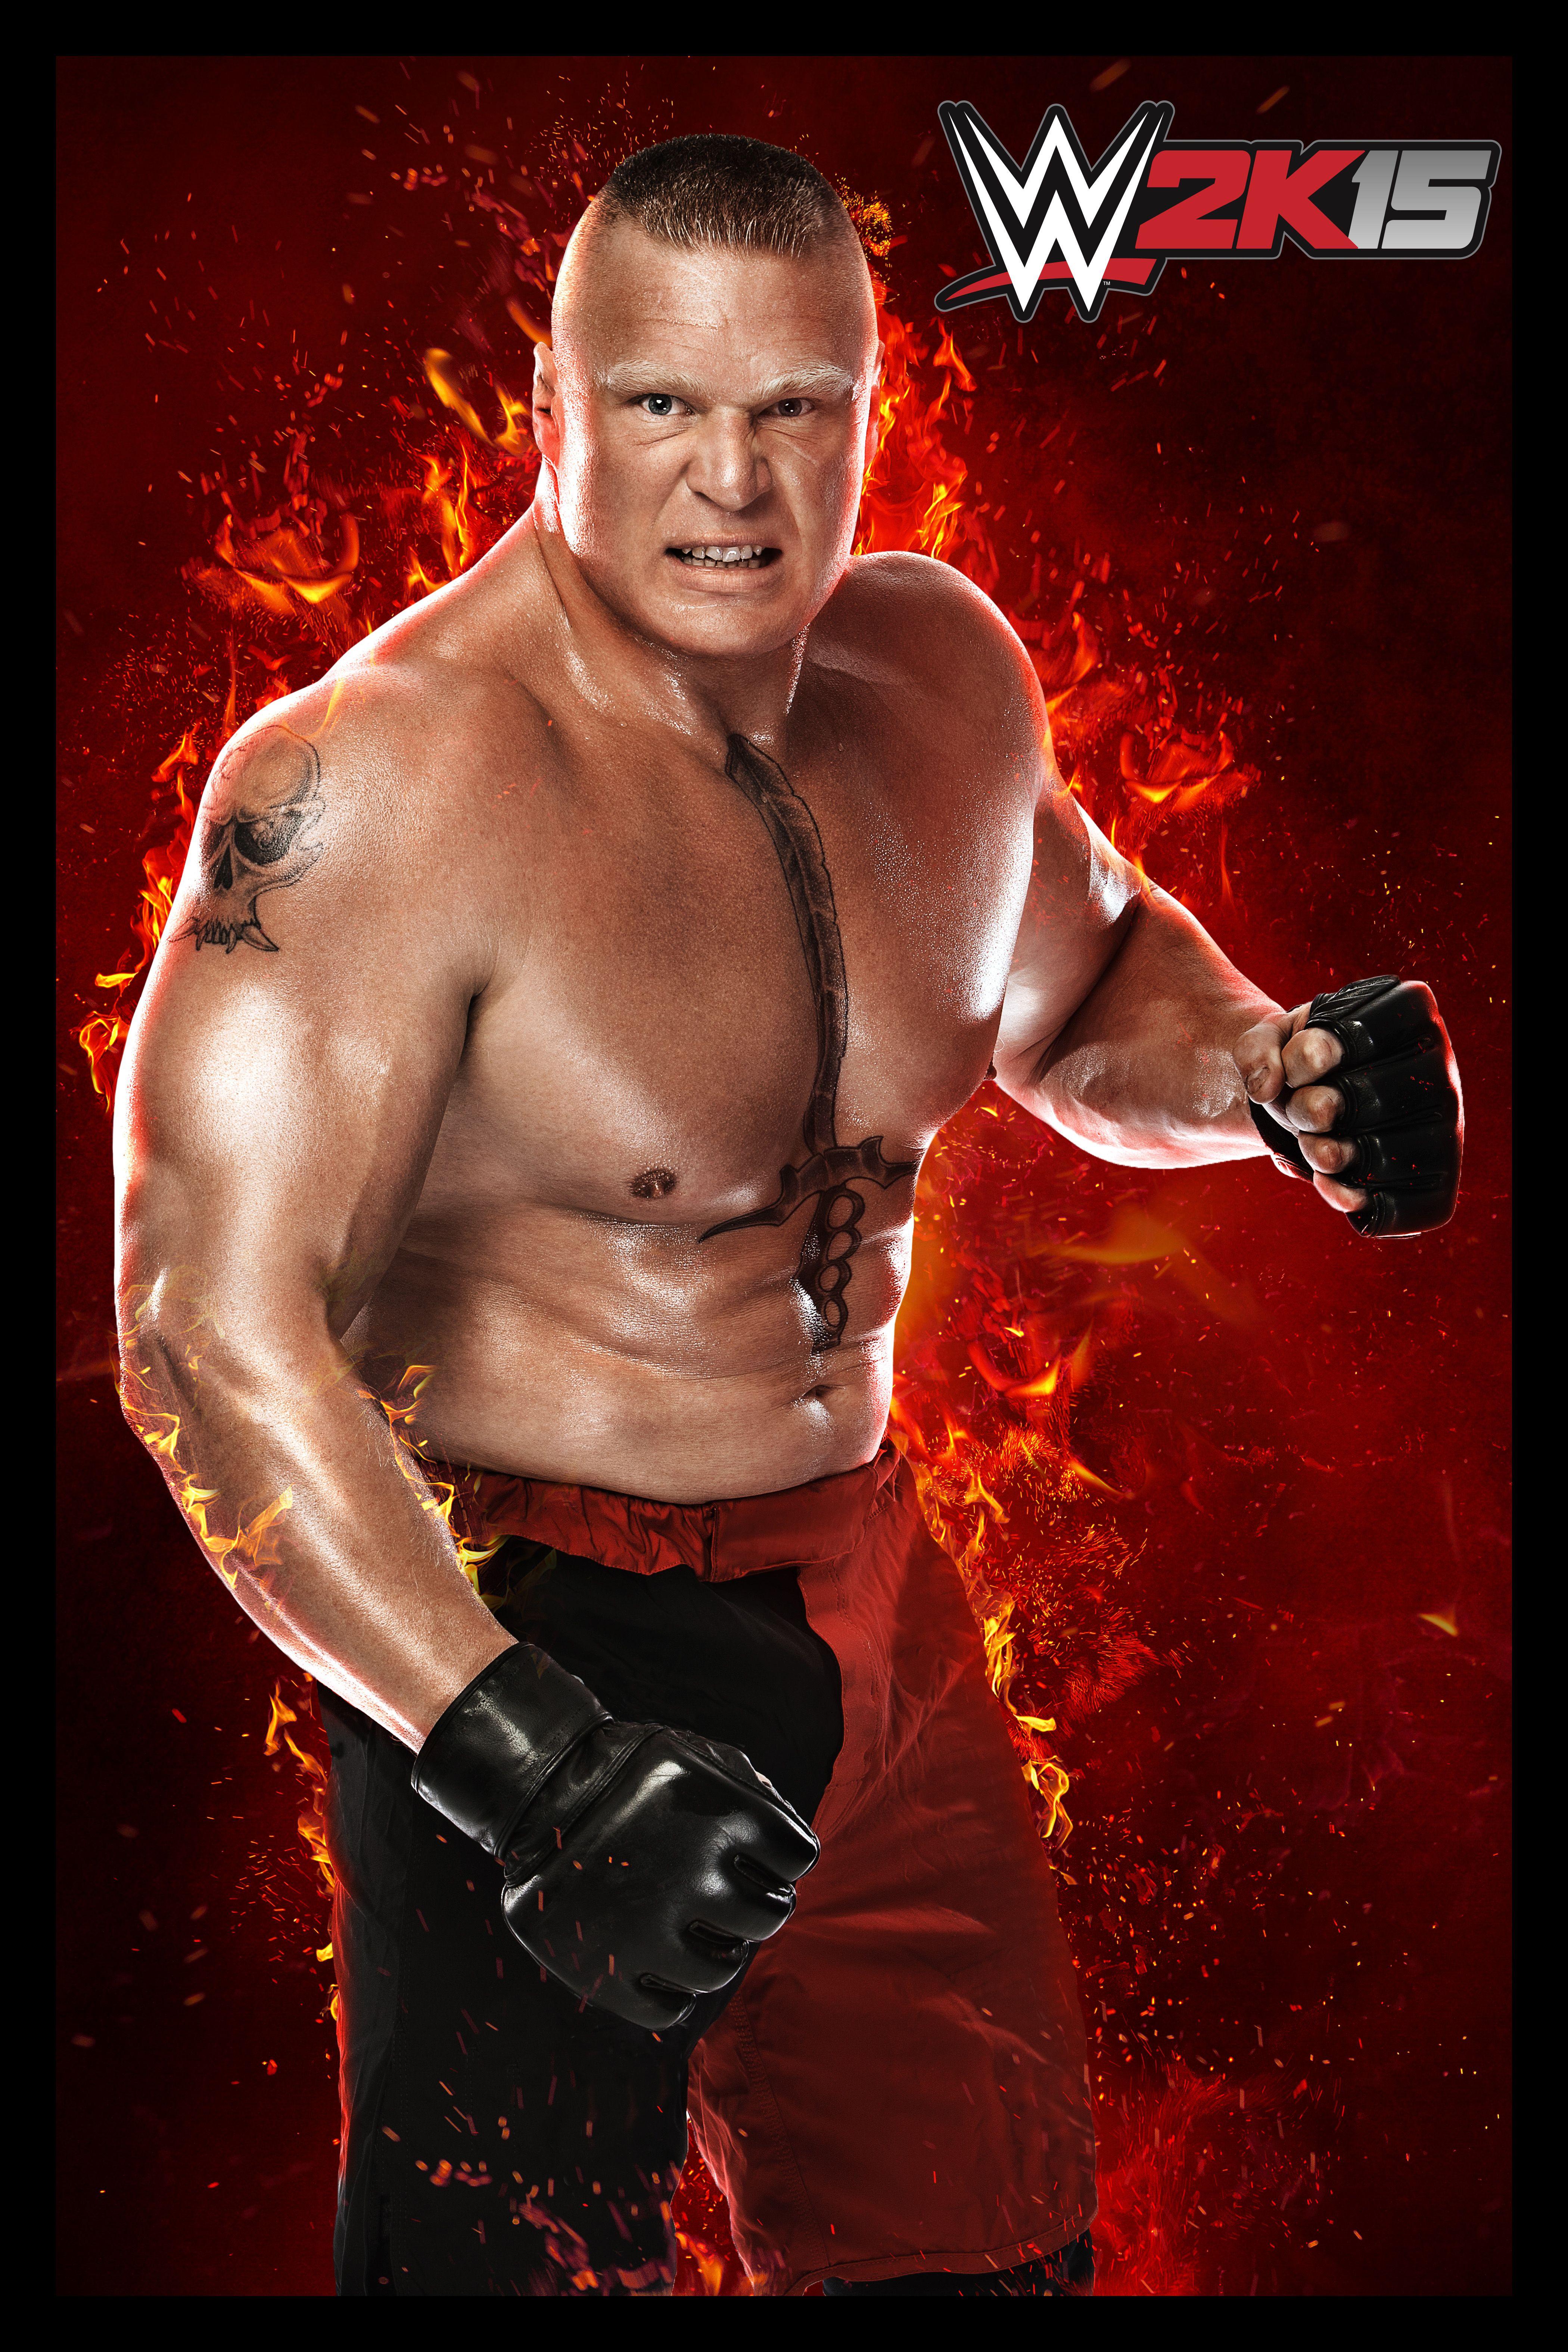 Brock Lesnar 2k15 Wwe Wallpapers Brock Lesnar Wwe